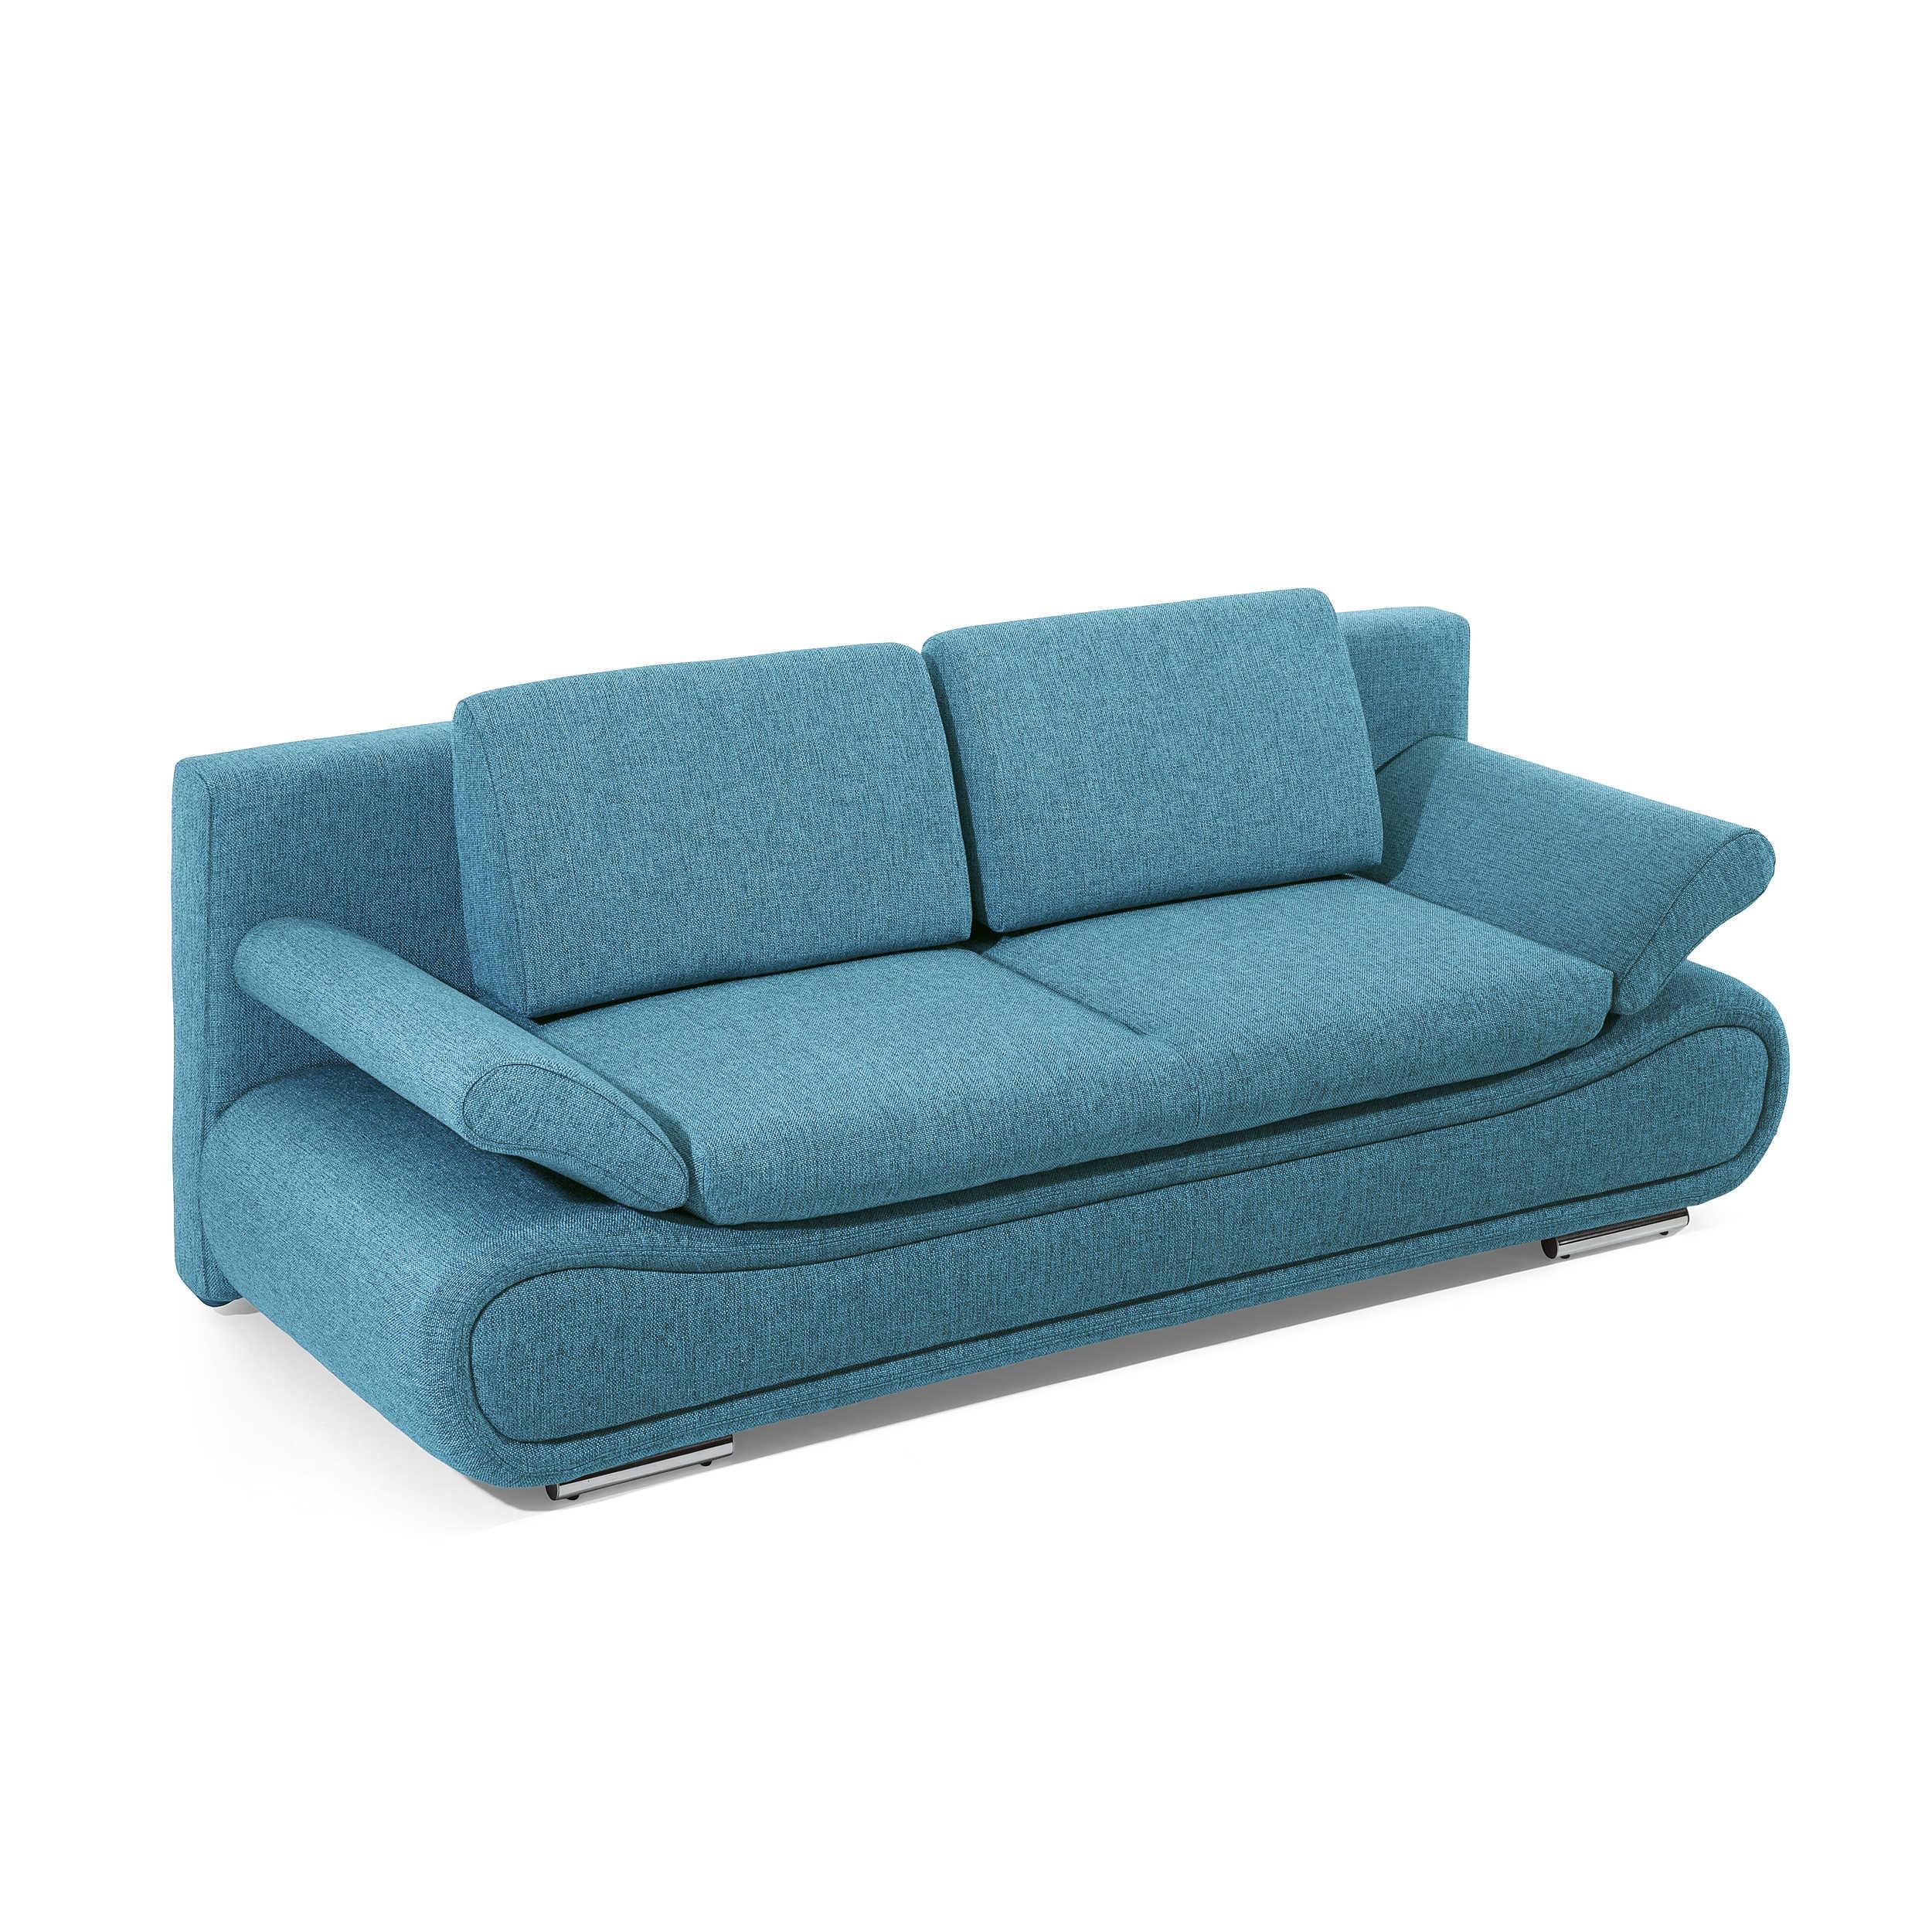 schlafsofa verena t rkis stoff online kaufen. Black Bedroom Furniture Sets. Home Design Ideas